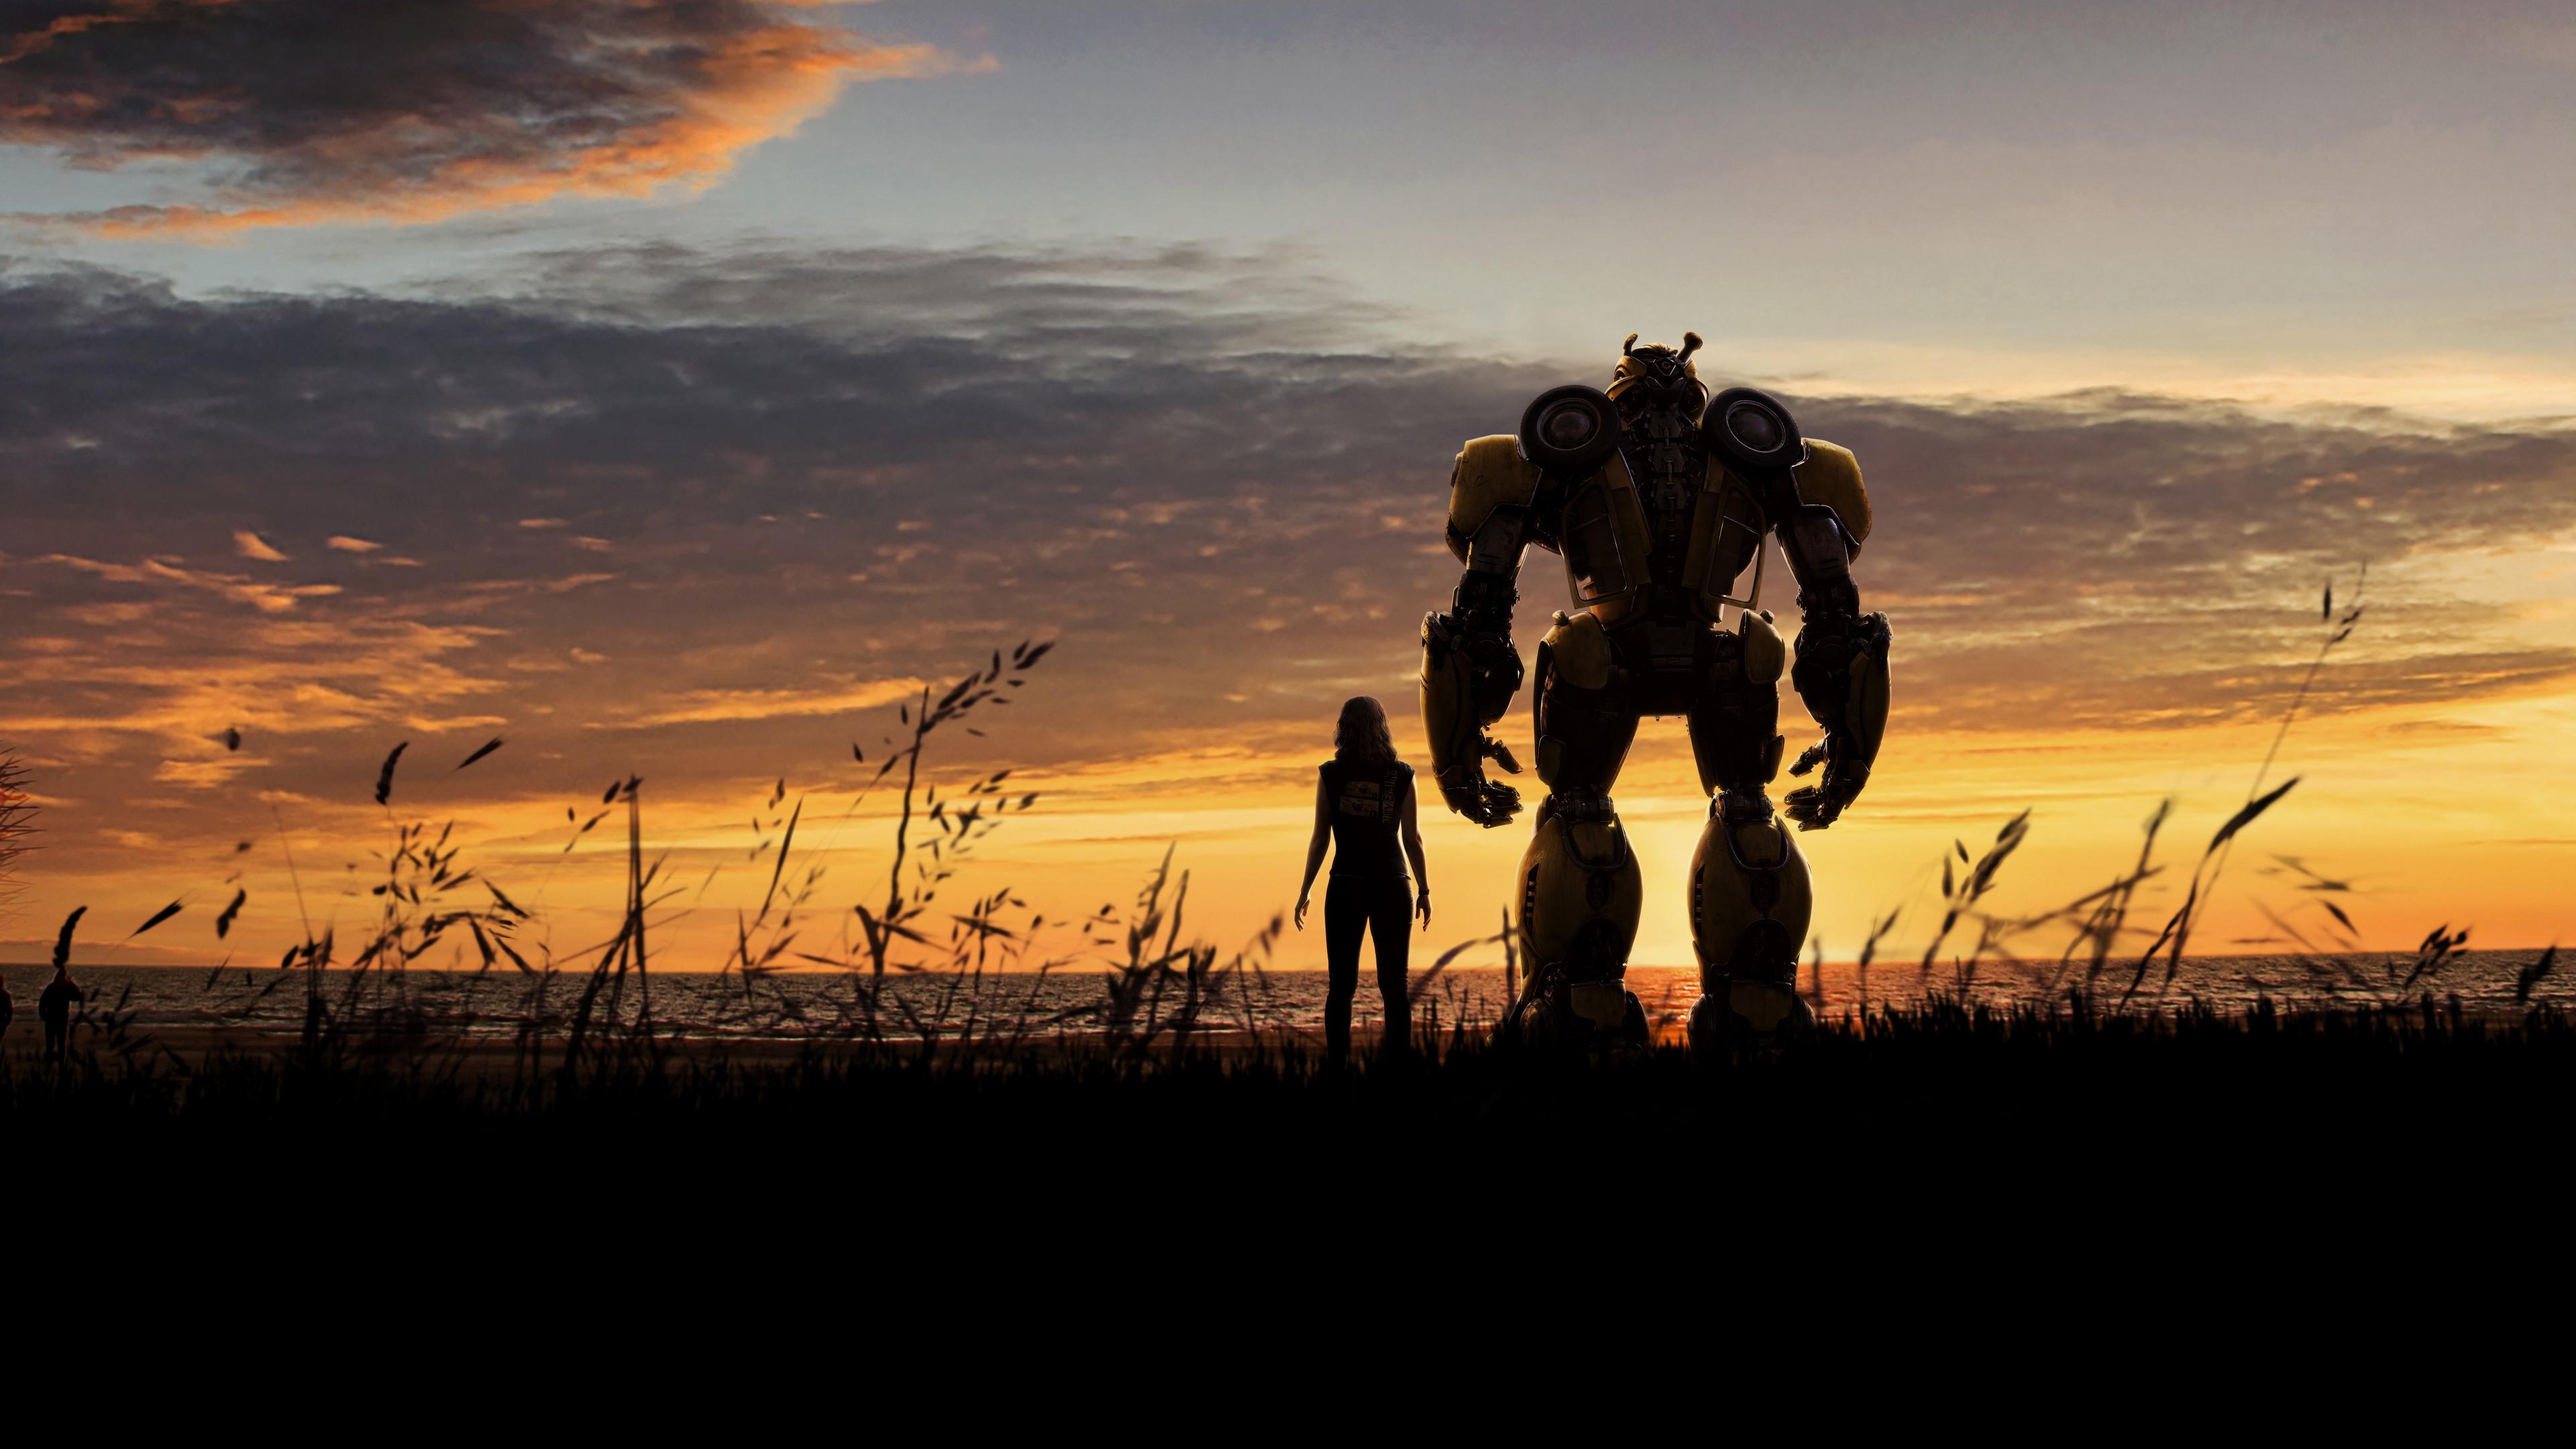 Девушка и робот  в золотых отблесках солнечных лучей на небосводе